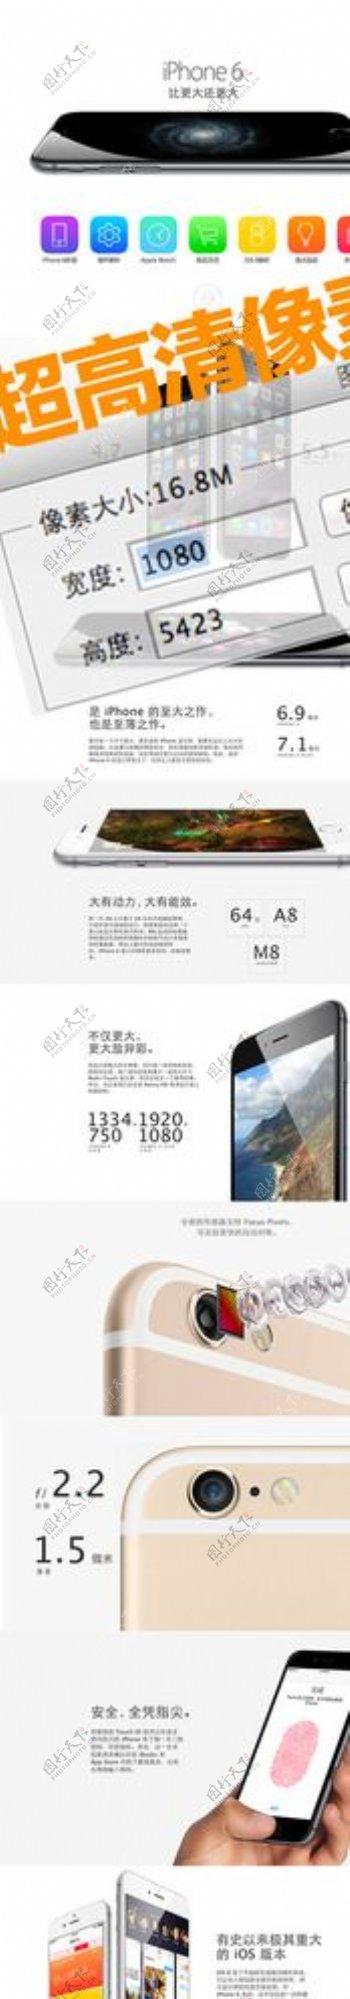 iphone6配置升级图片